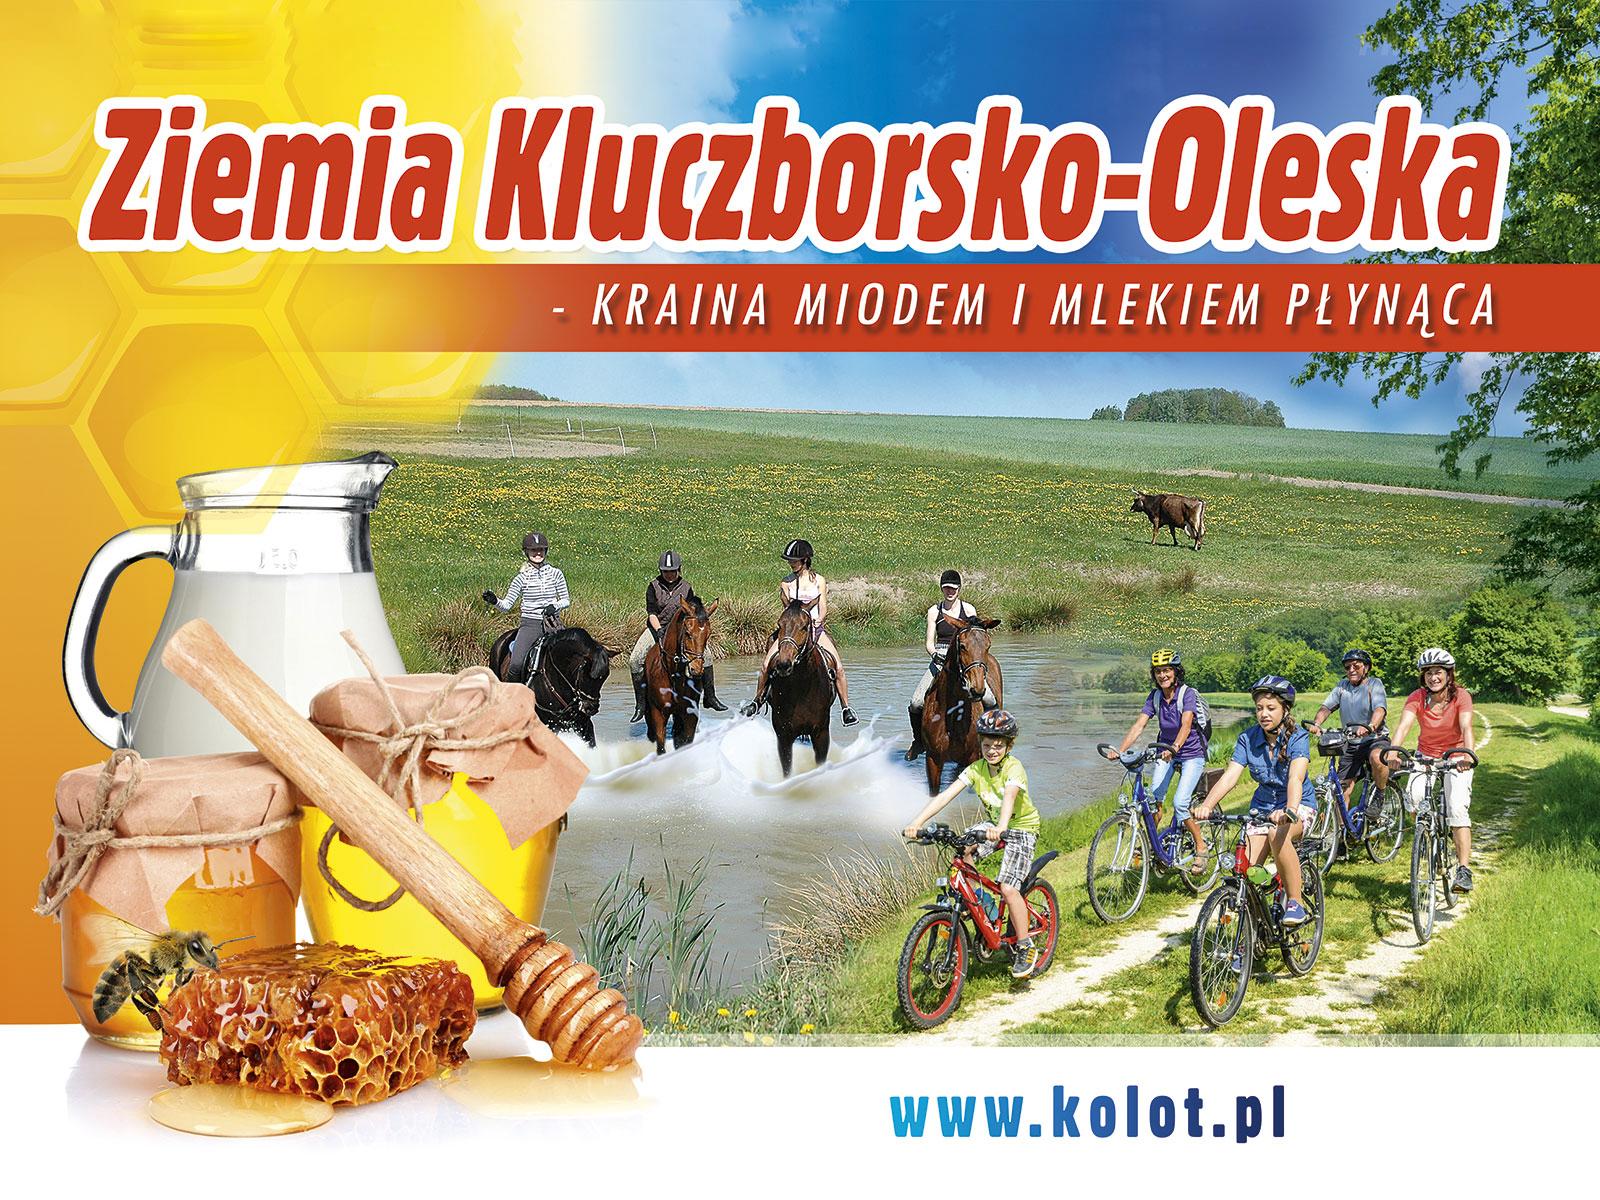 Ziemia kluczborsko-oleska